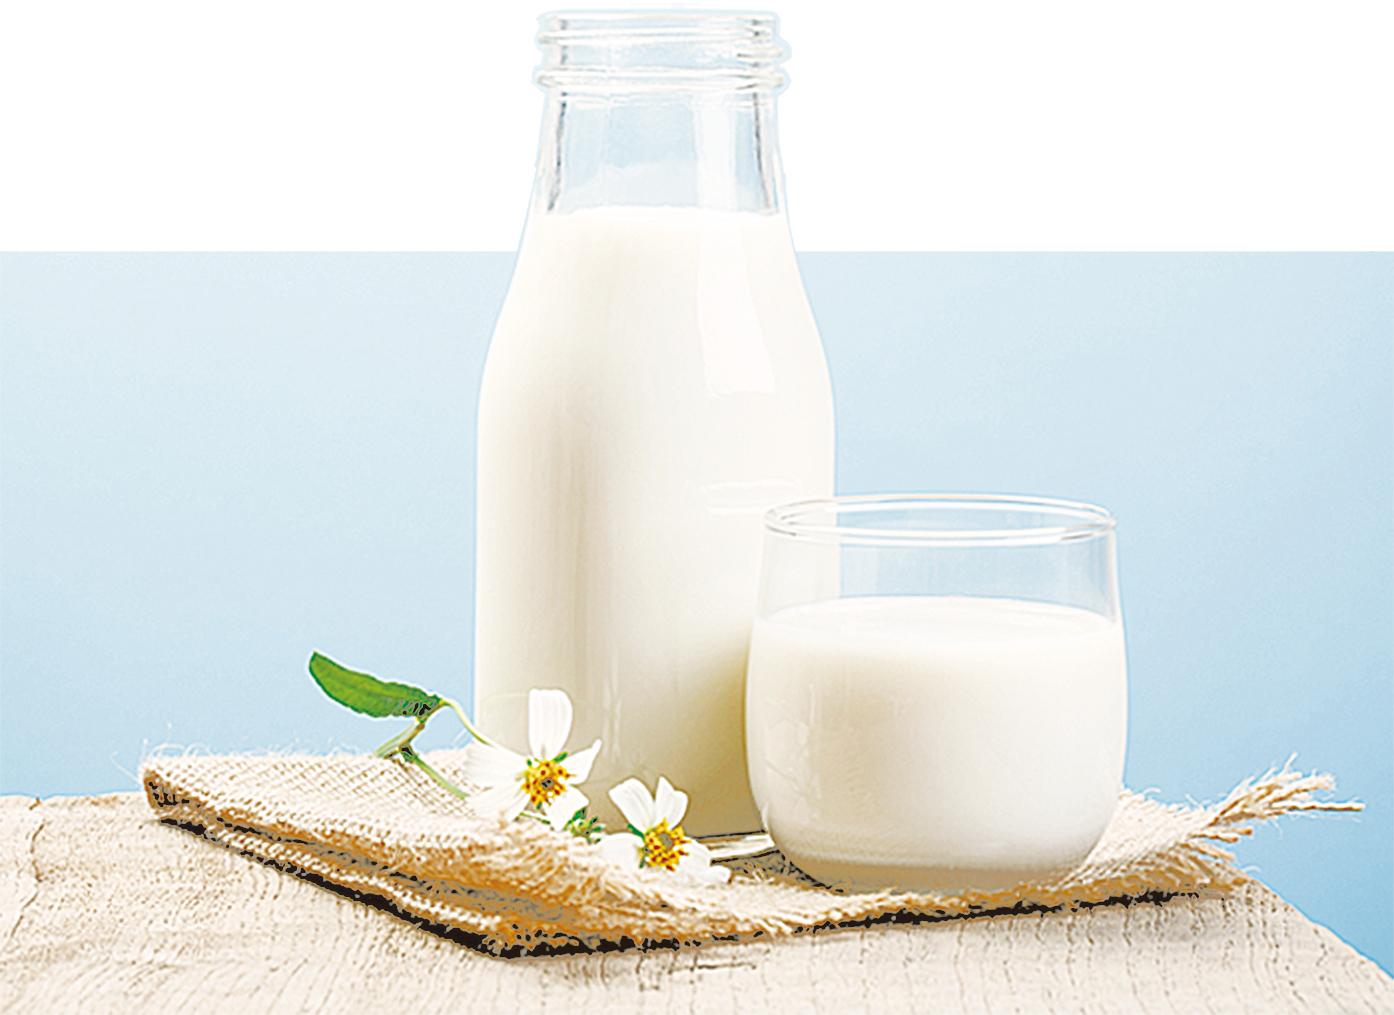 低溫殺菌經常用於牛乳等含蛋白質的飲料。